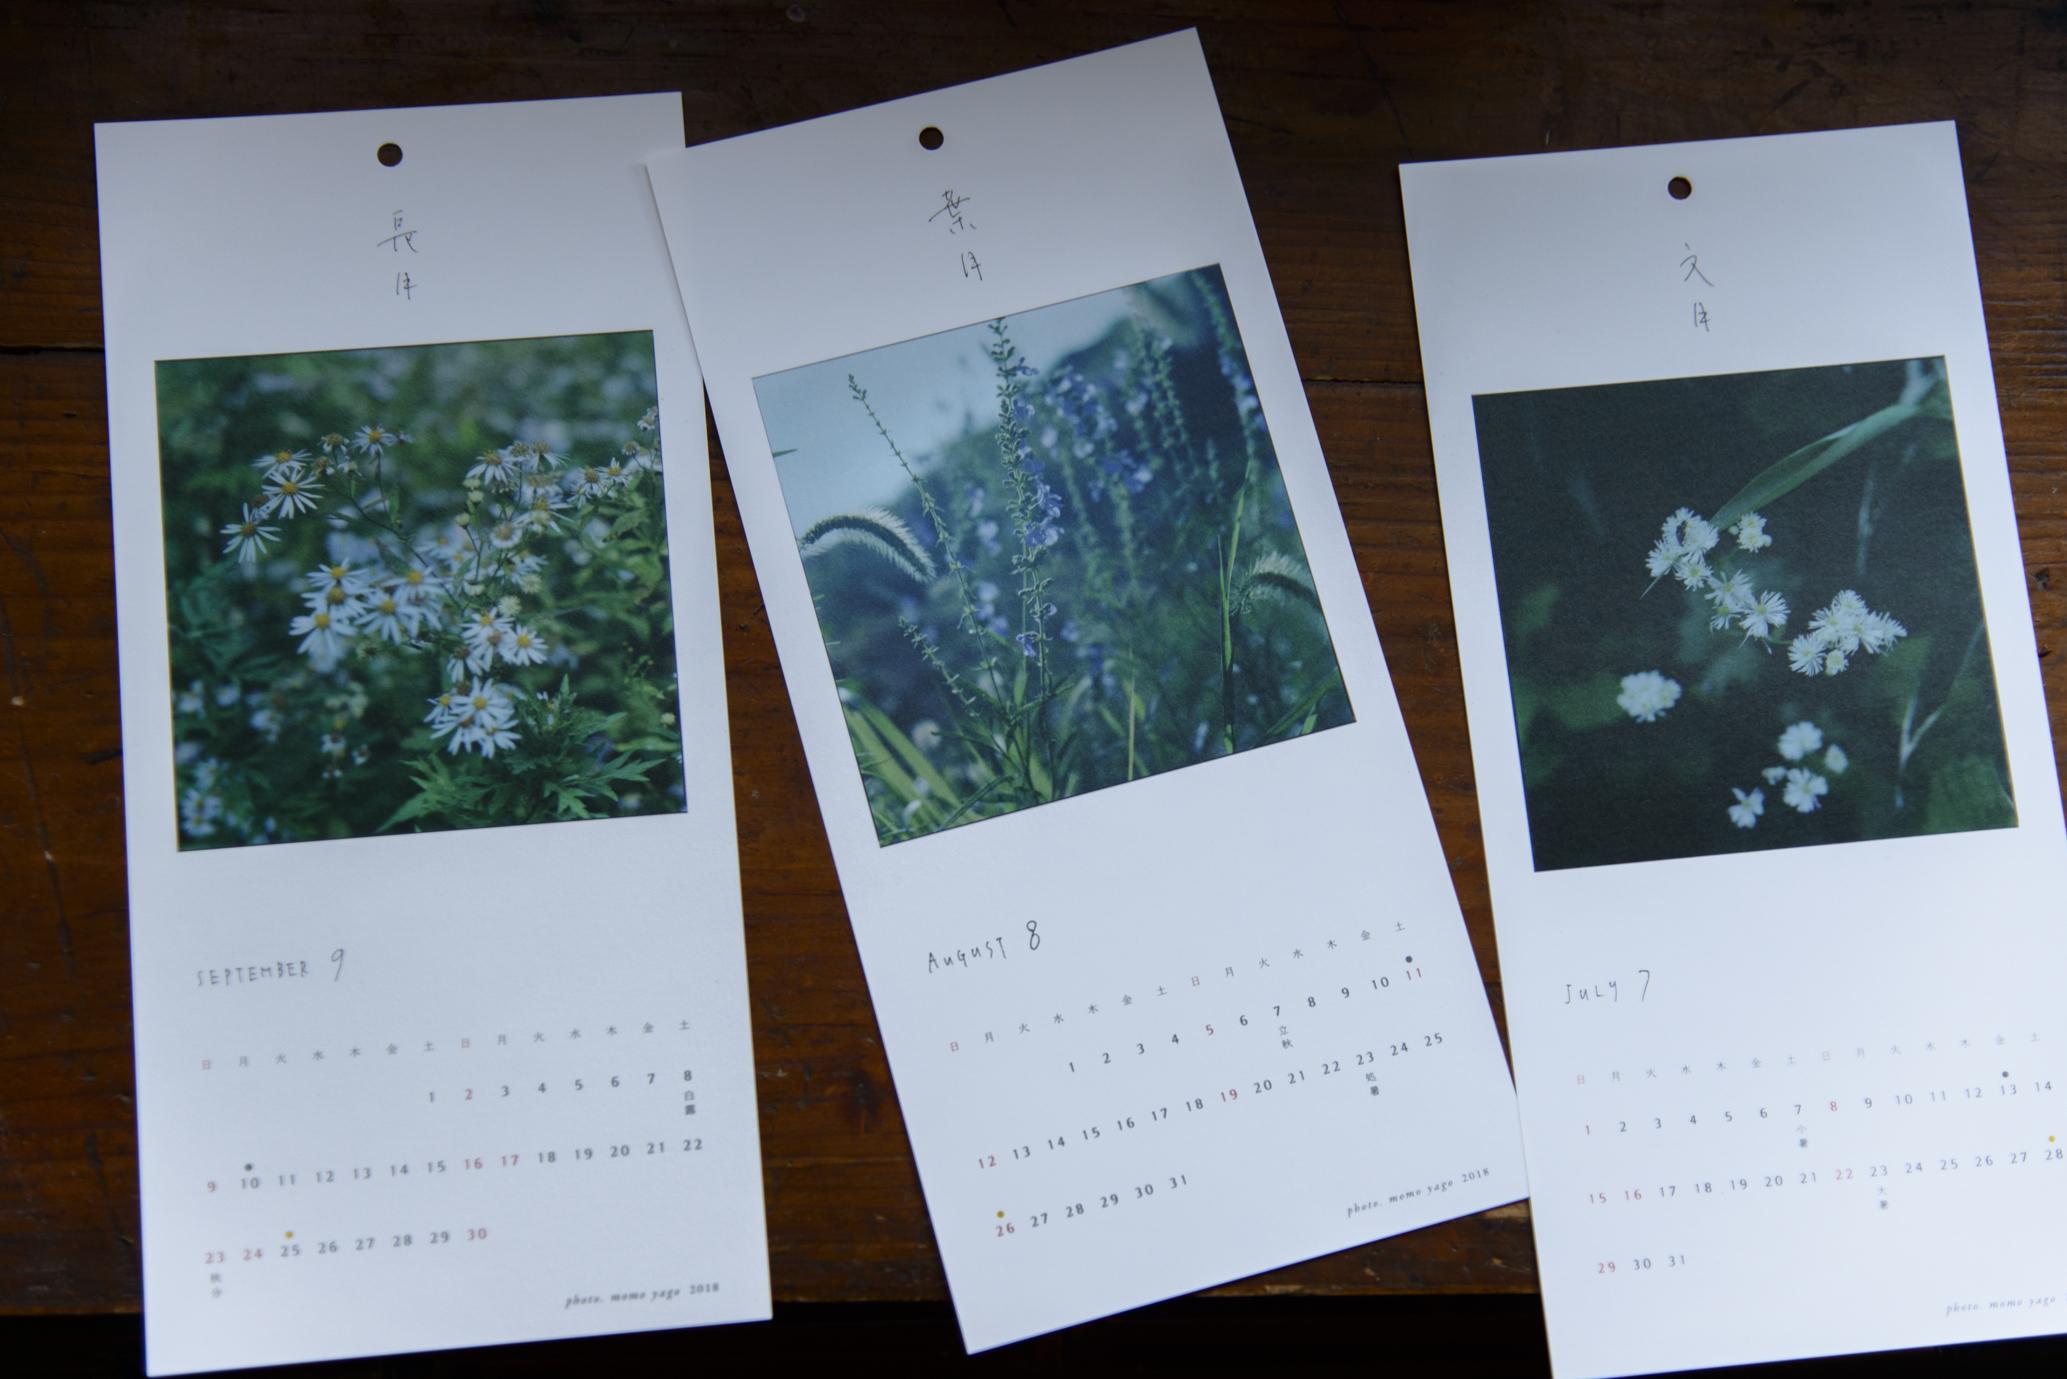 文月 / 七月 カラマツソウ、葉月 / 八月 ブルーセージ、長月 / 九月 ノギク